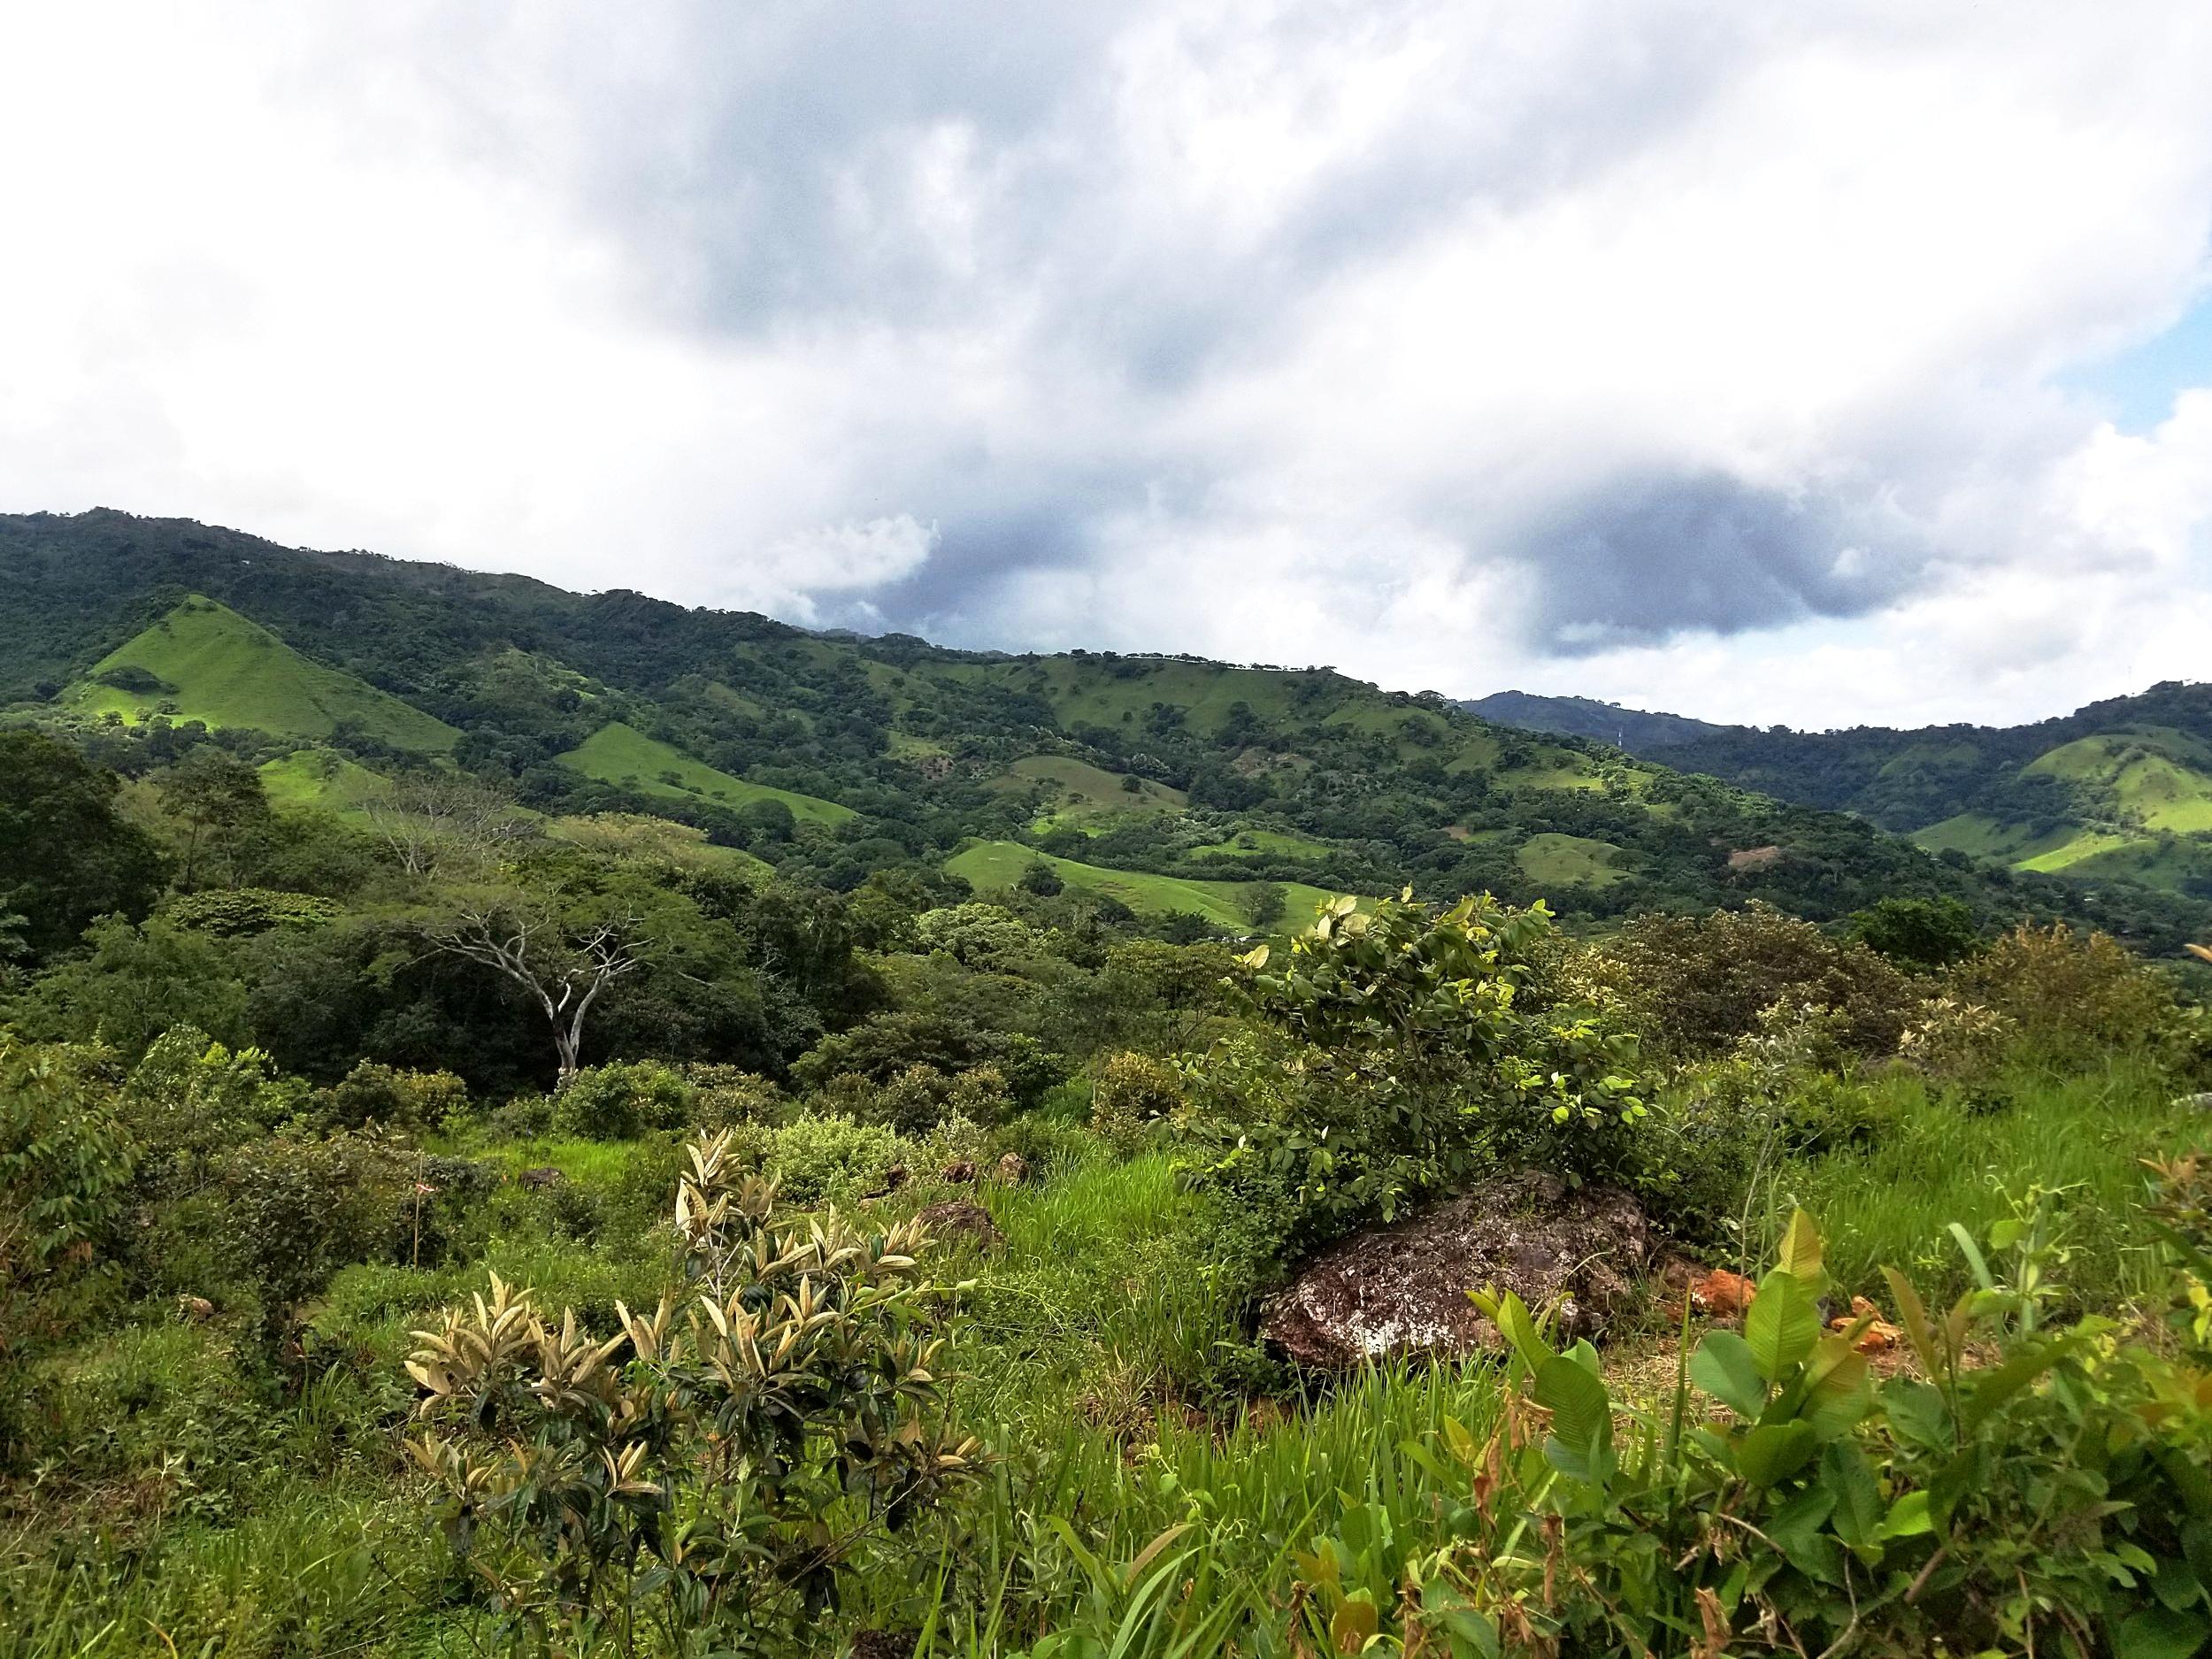 Alegria: San Mateo, Costa Rica